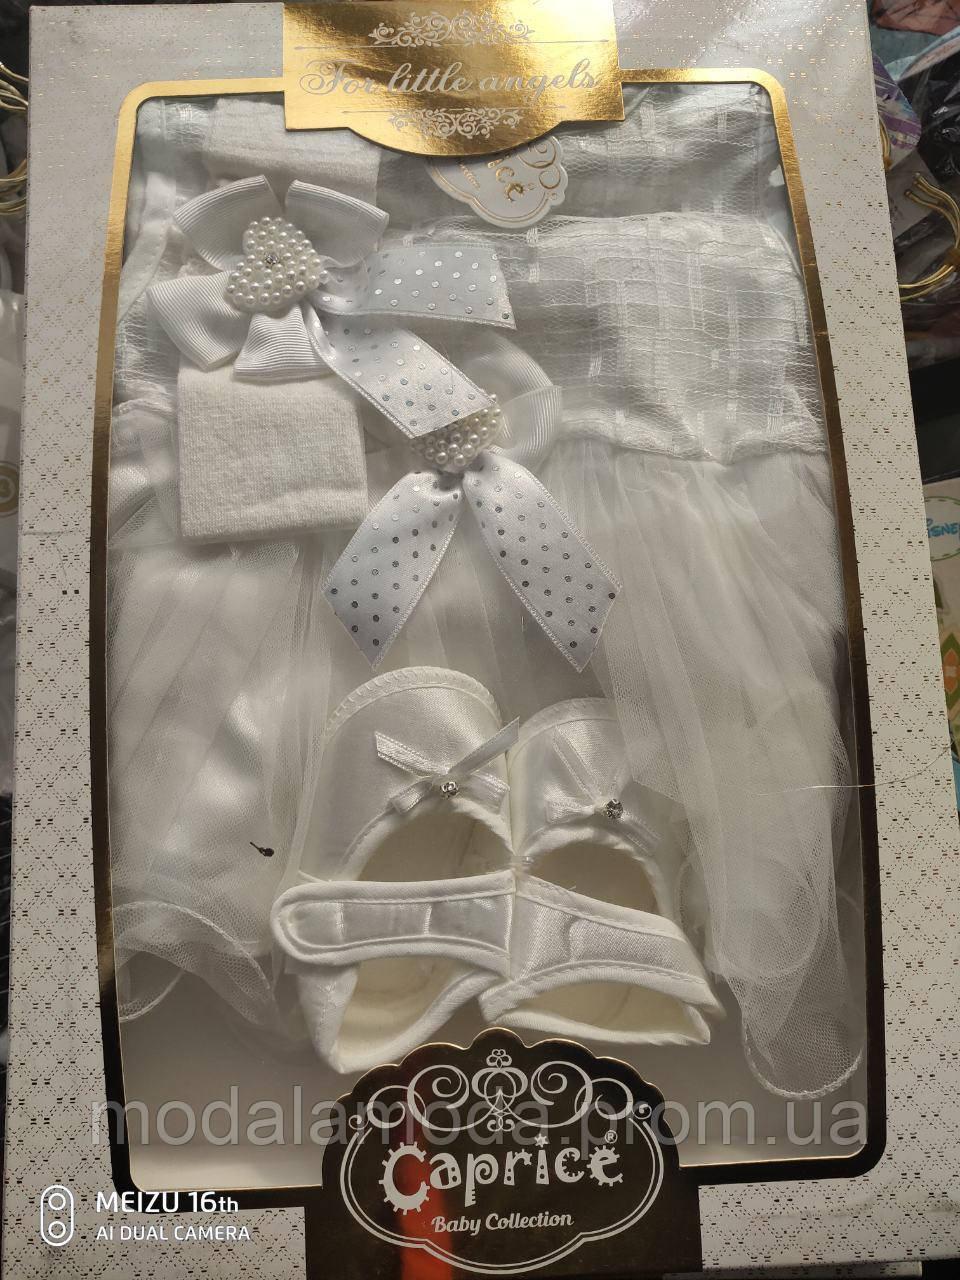 Набор для крещения девочки с украшением из бусин в виде сердечка